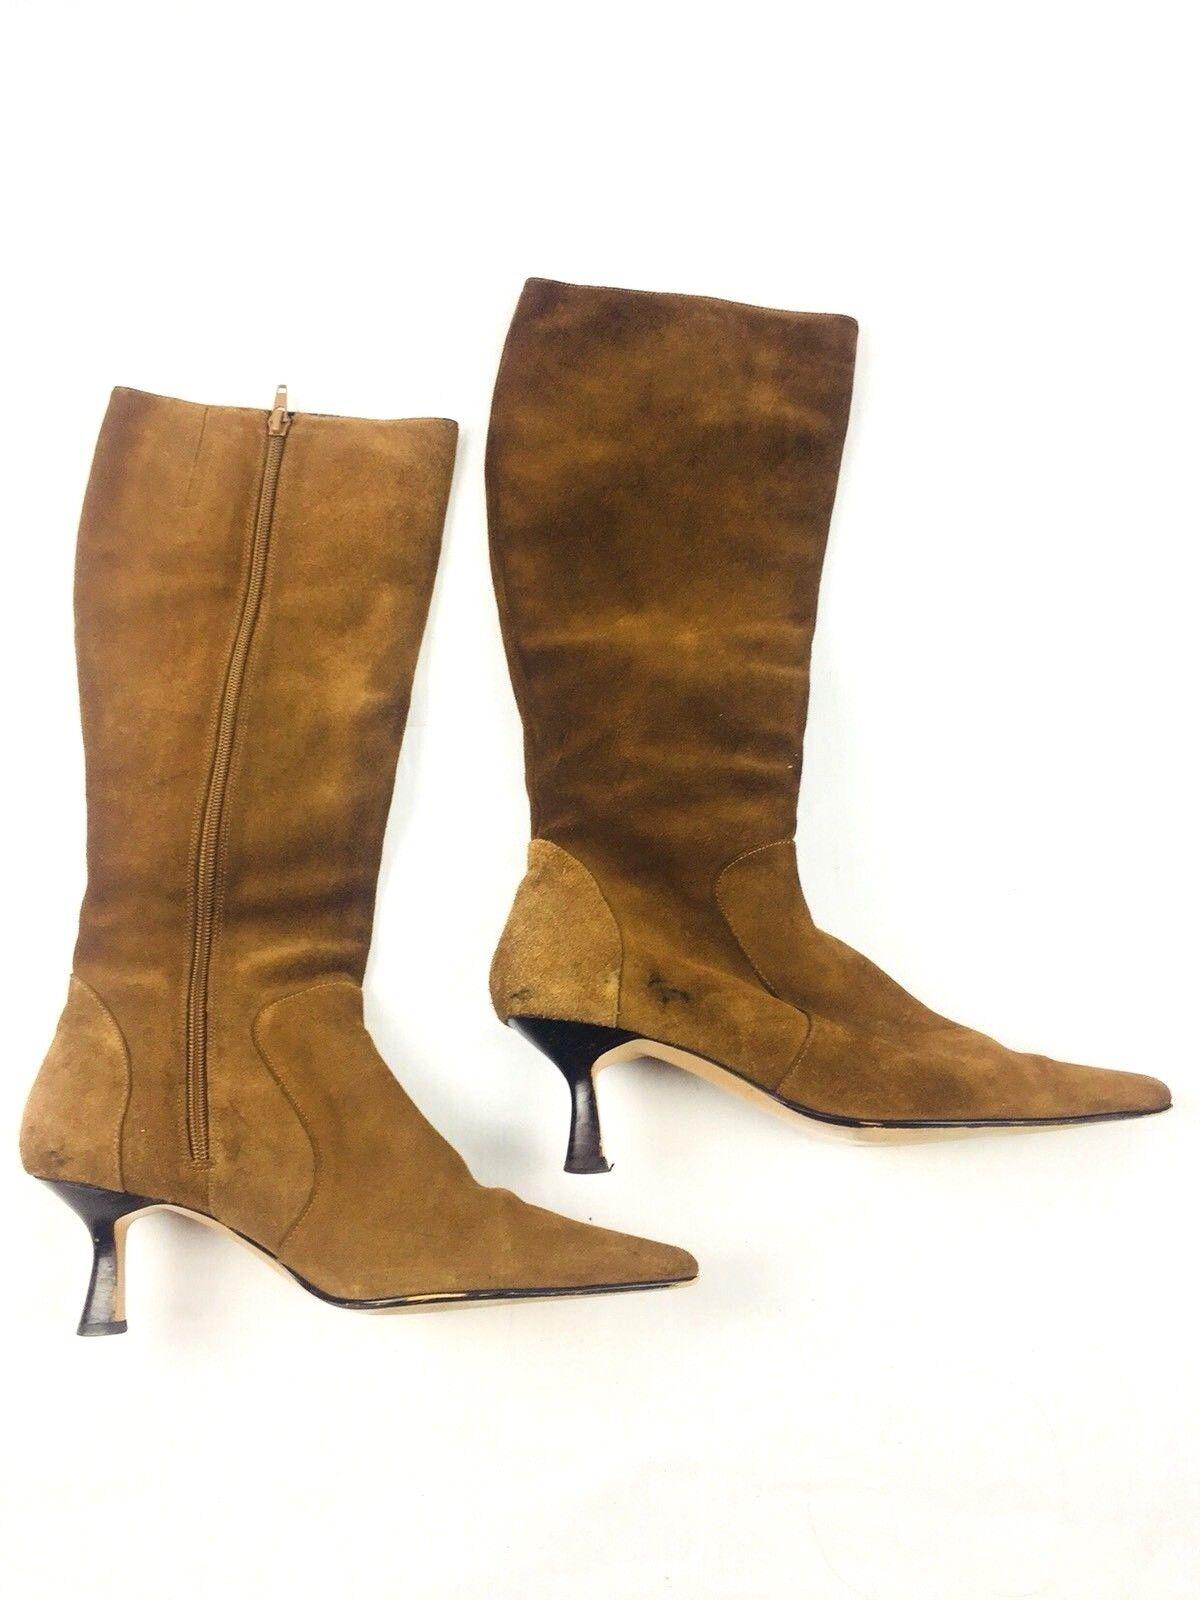 Pazzo Women's Boots 7 1/2 M Point Toe Heel Zip Up Brown Leather Upper